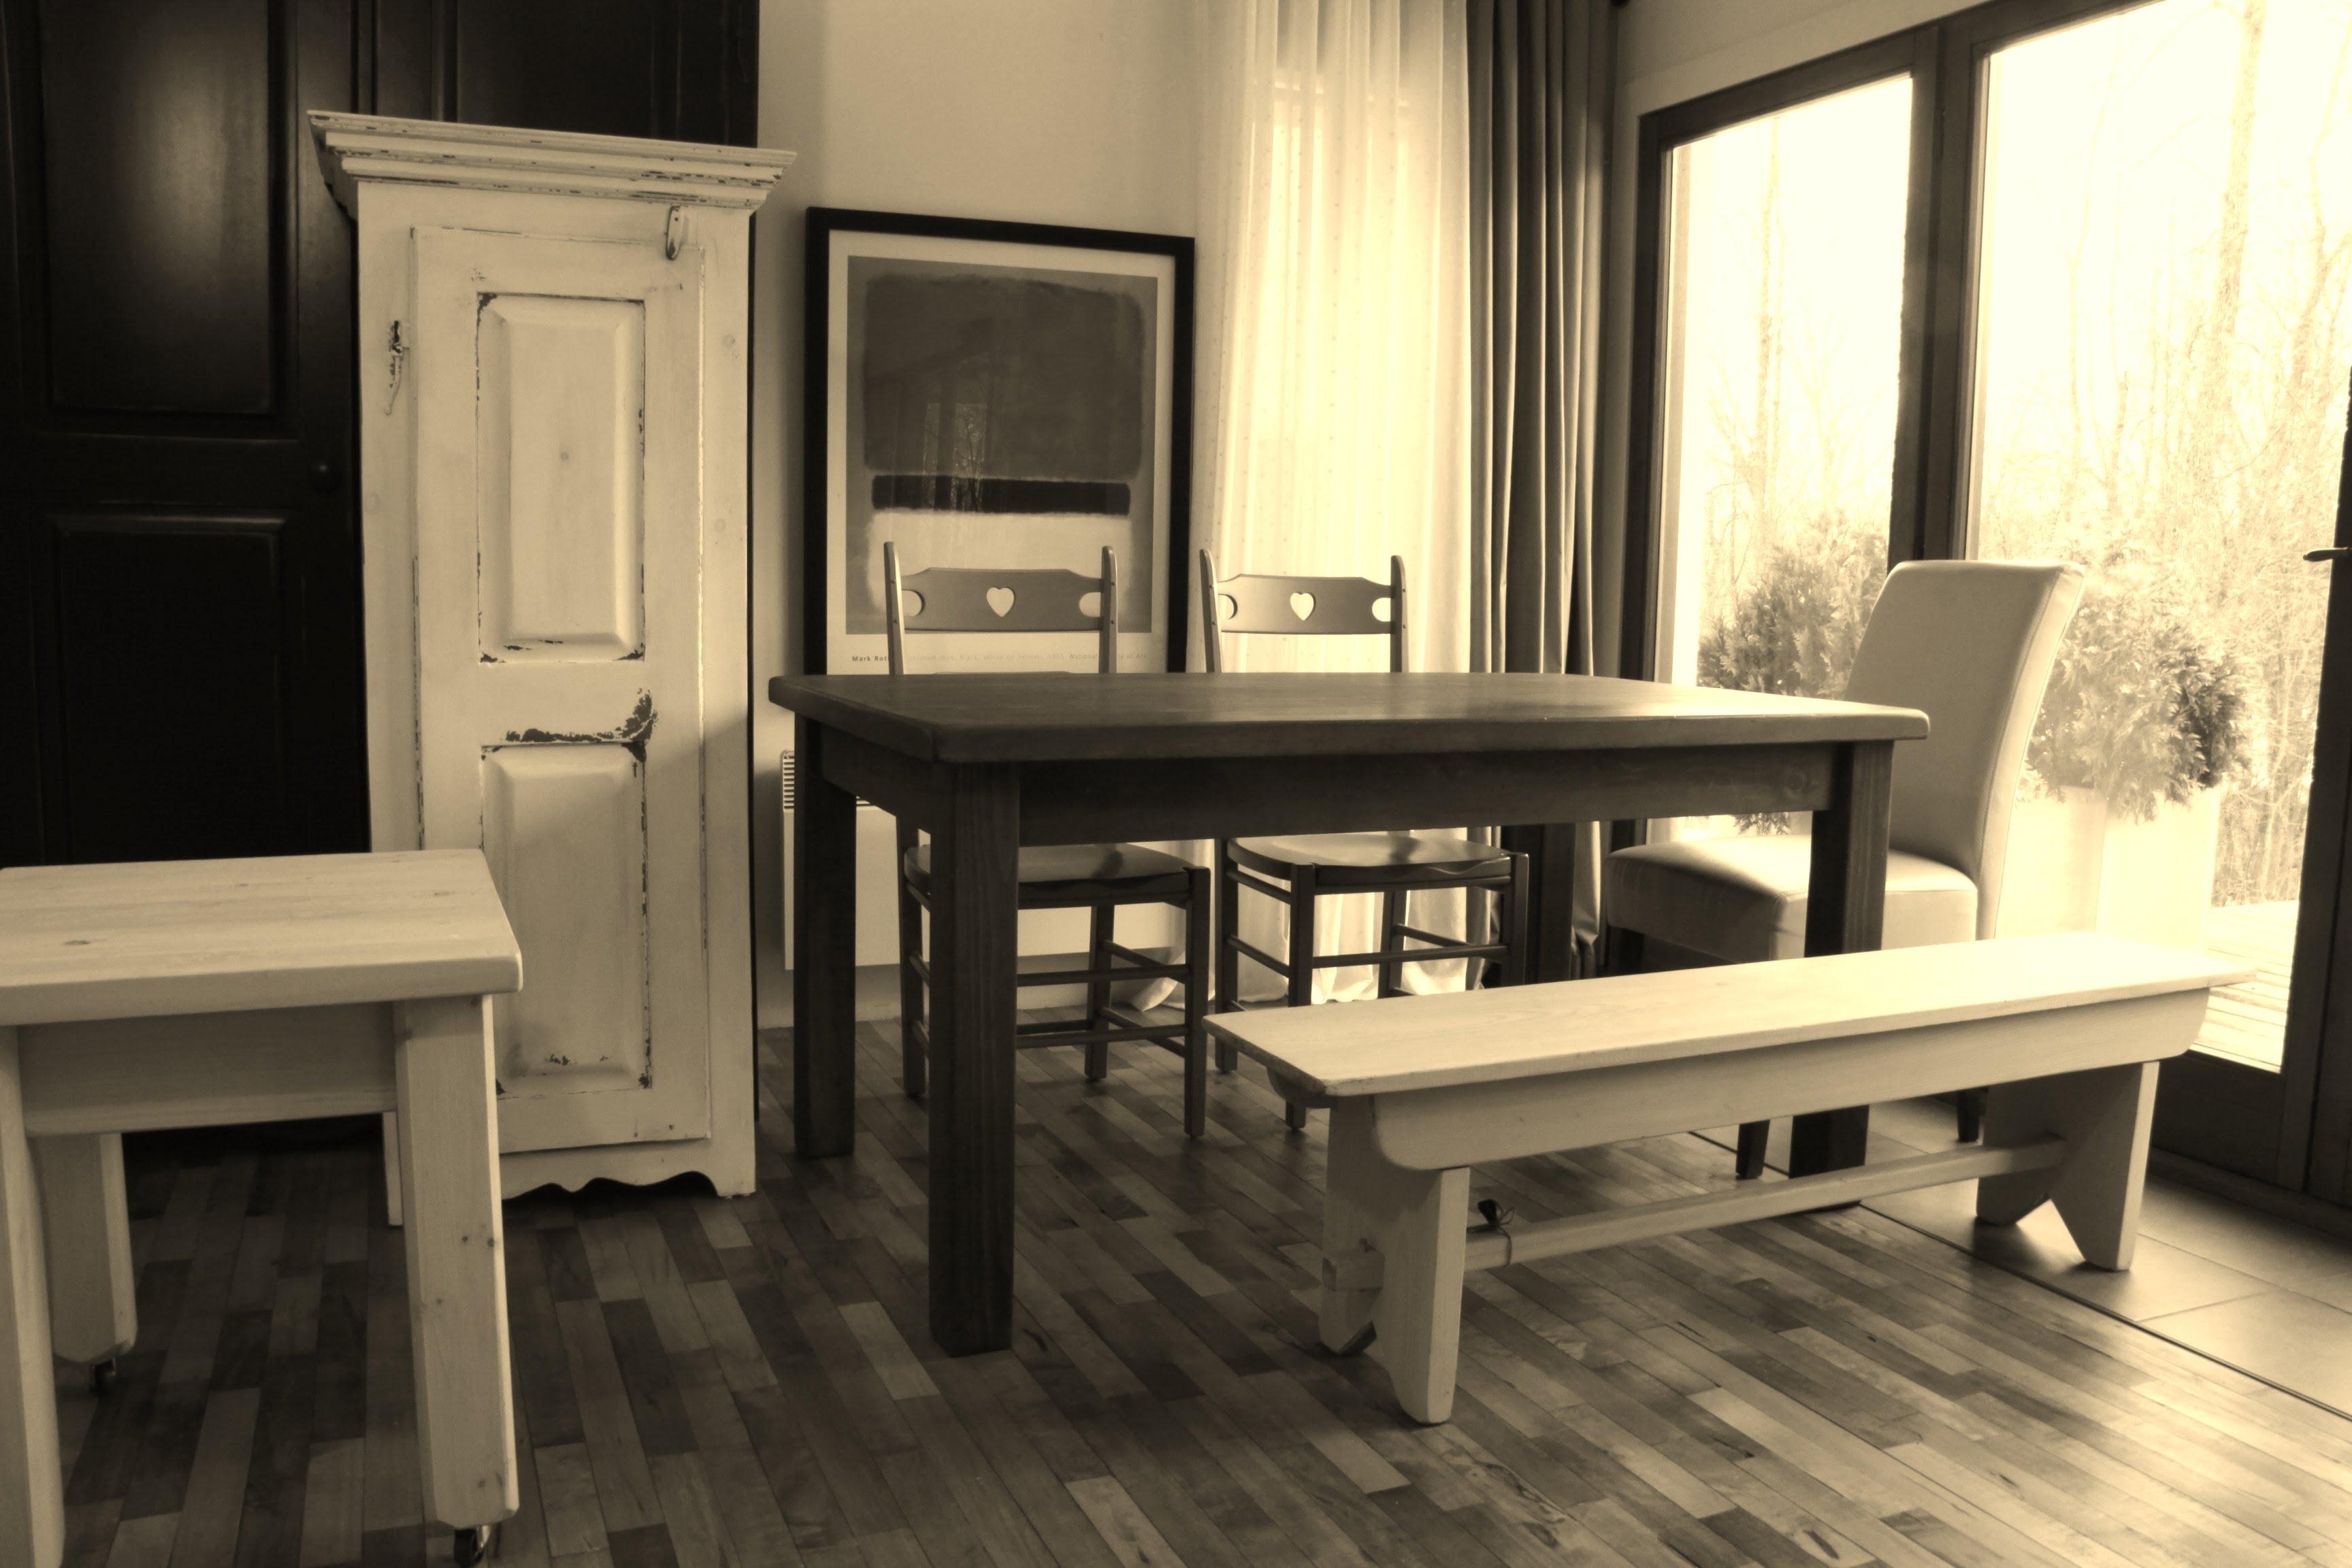 meubles rustiques 1 meubles sur mesure meubles hochelaga. Black Bedroom Furniture Sets. Home Design Ideas